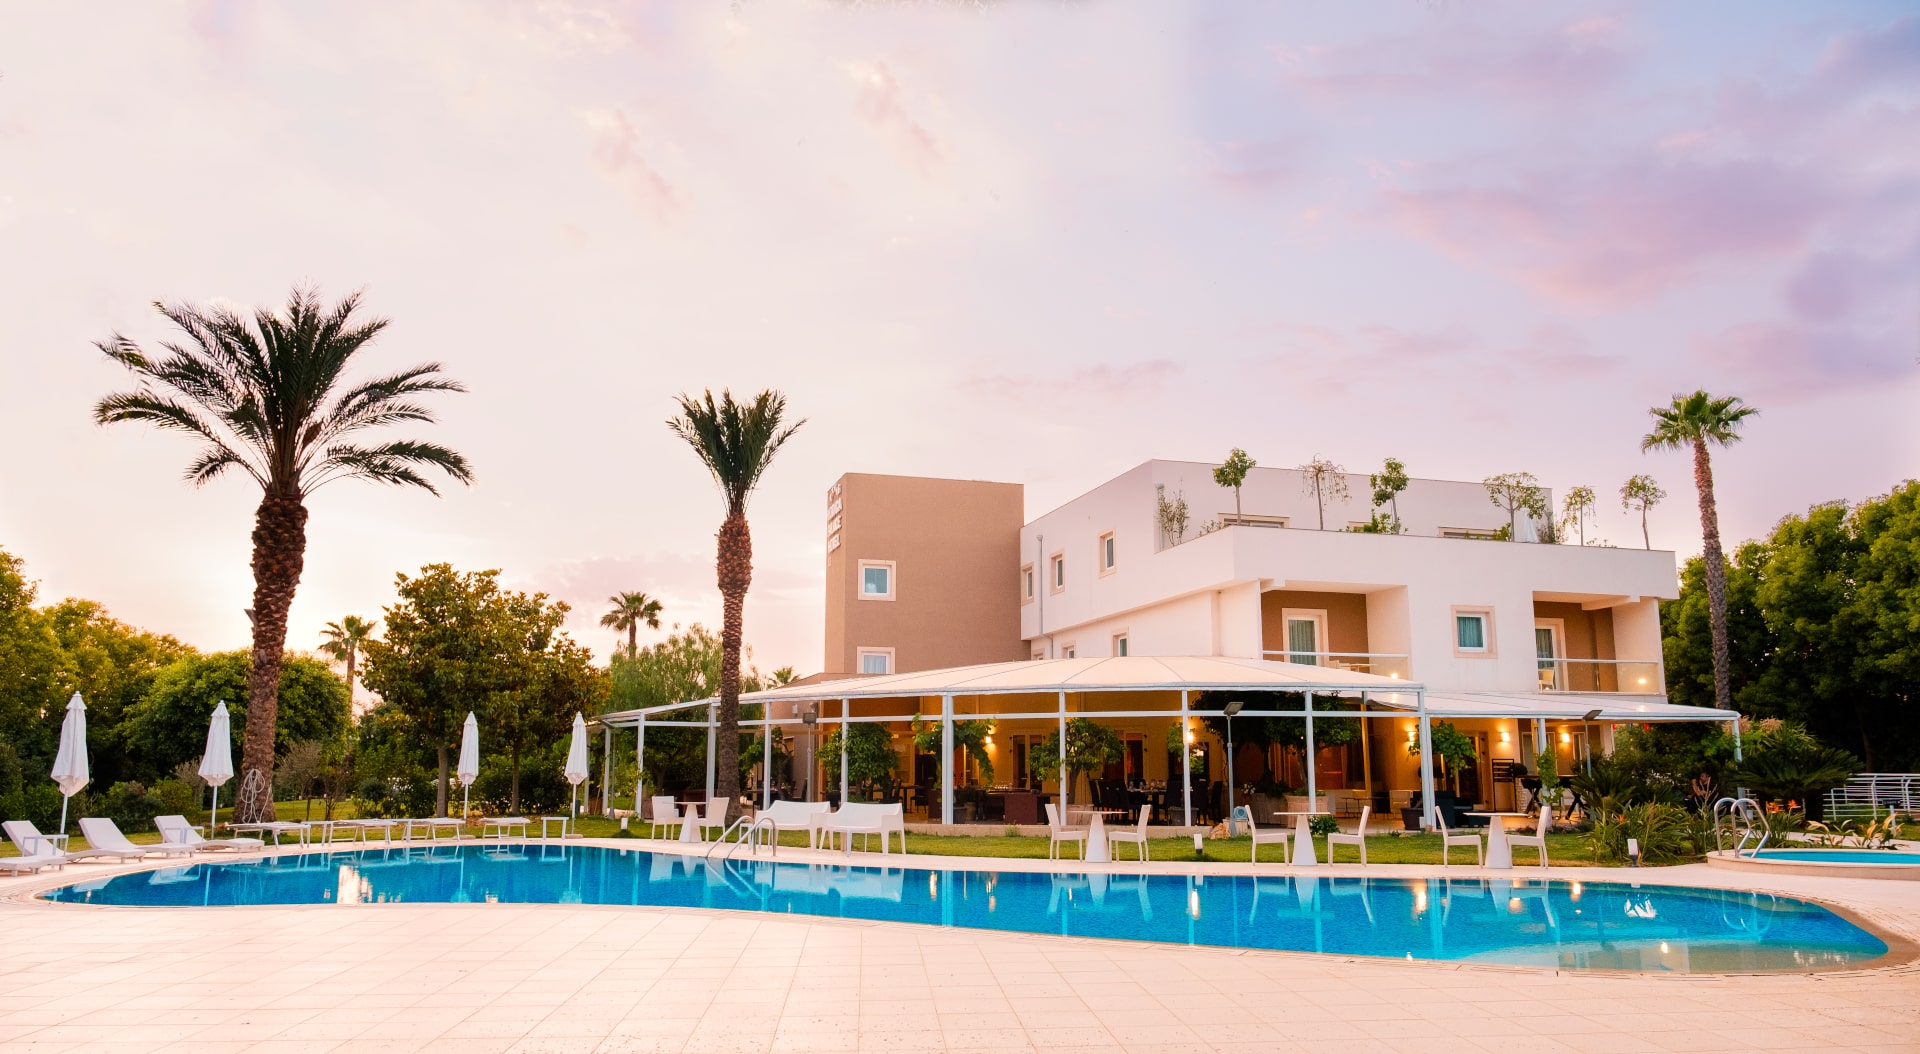 Modica Palace Hotel slide2-min